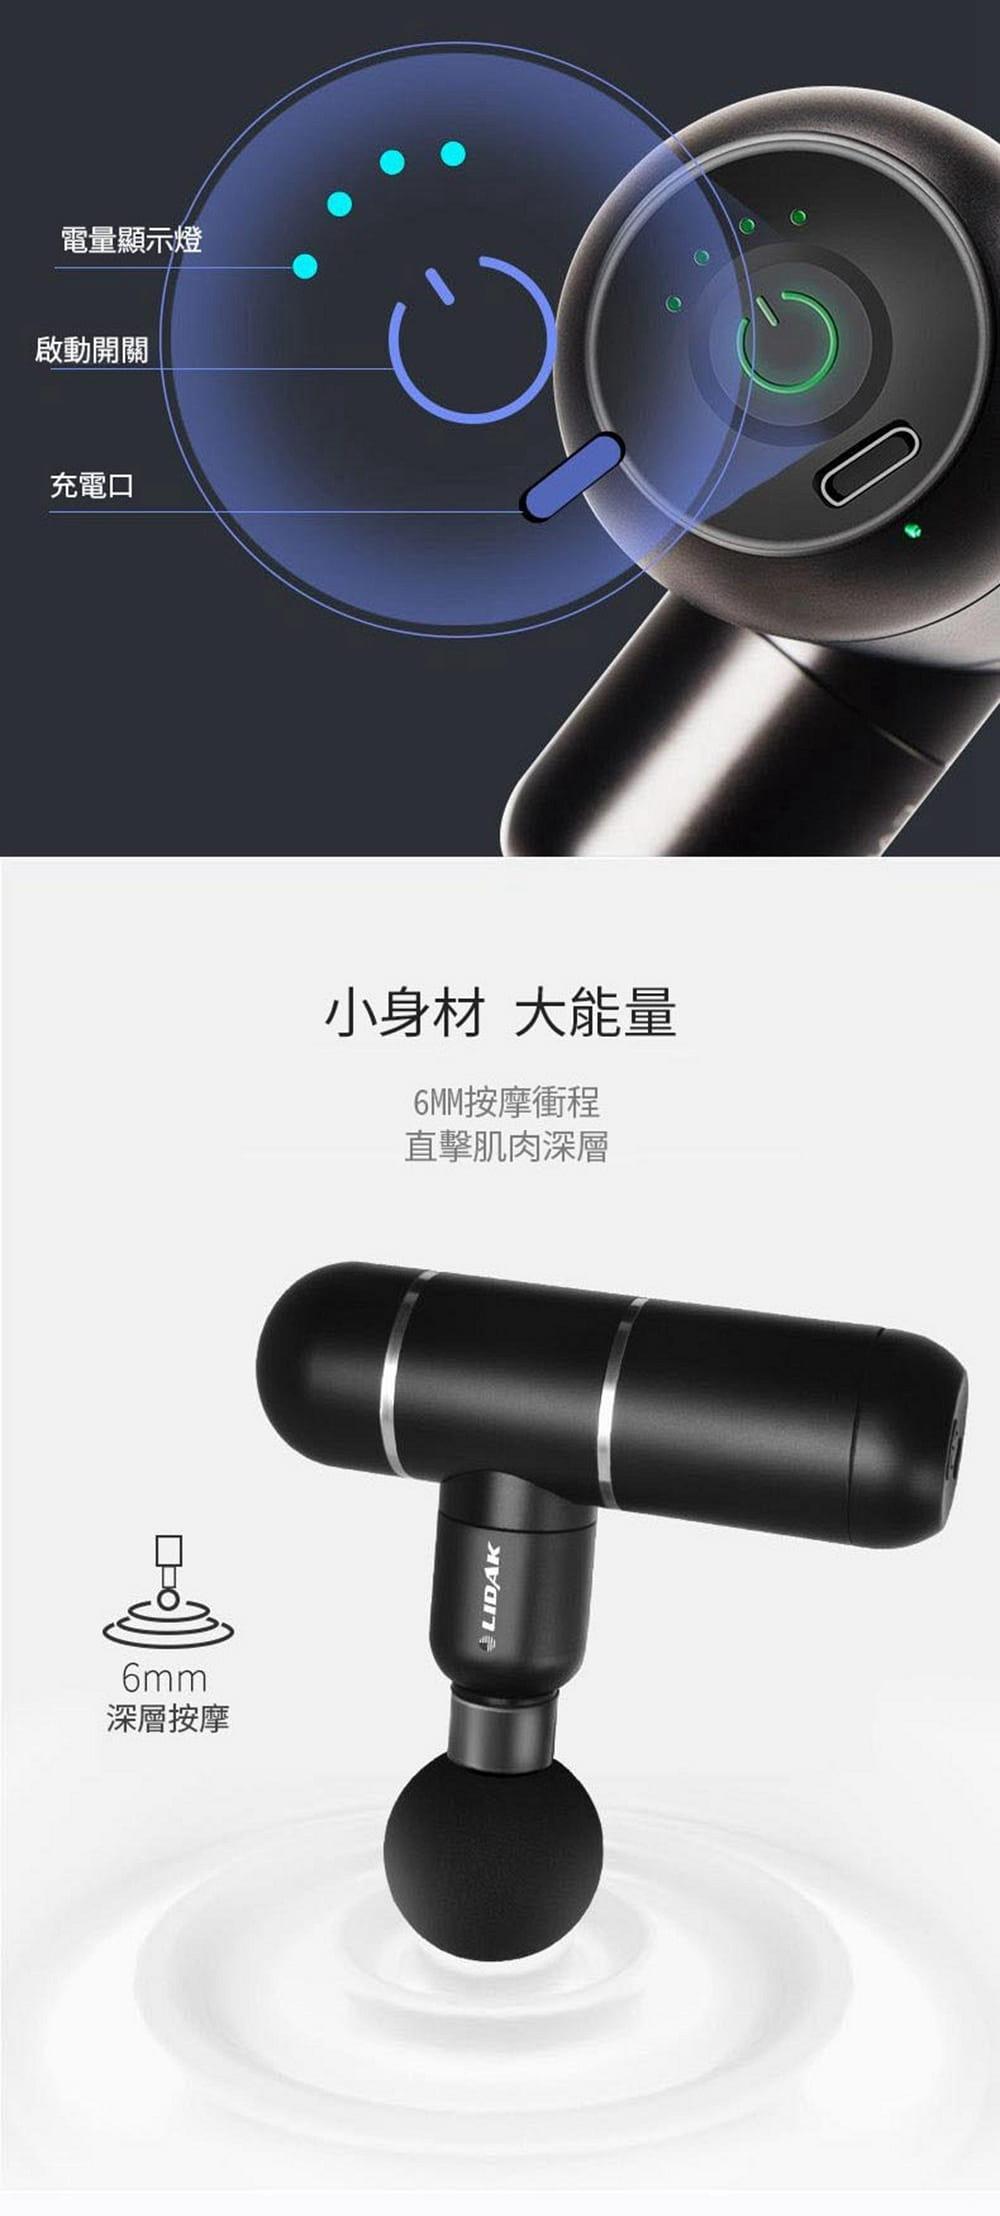 【美國LIDAK】V2 USB電動按摩槍/鋁合金筋膜槍 肌肉按摩器/健身器材 11